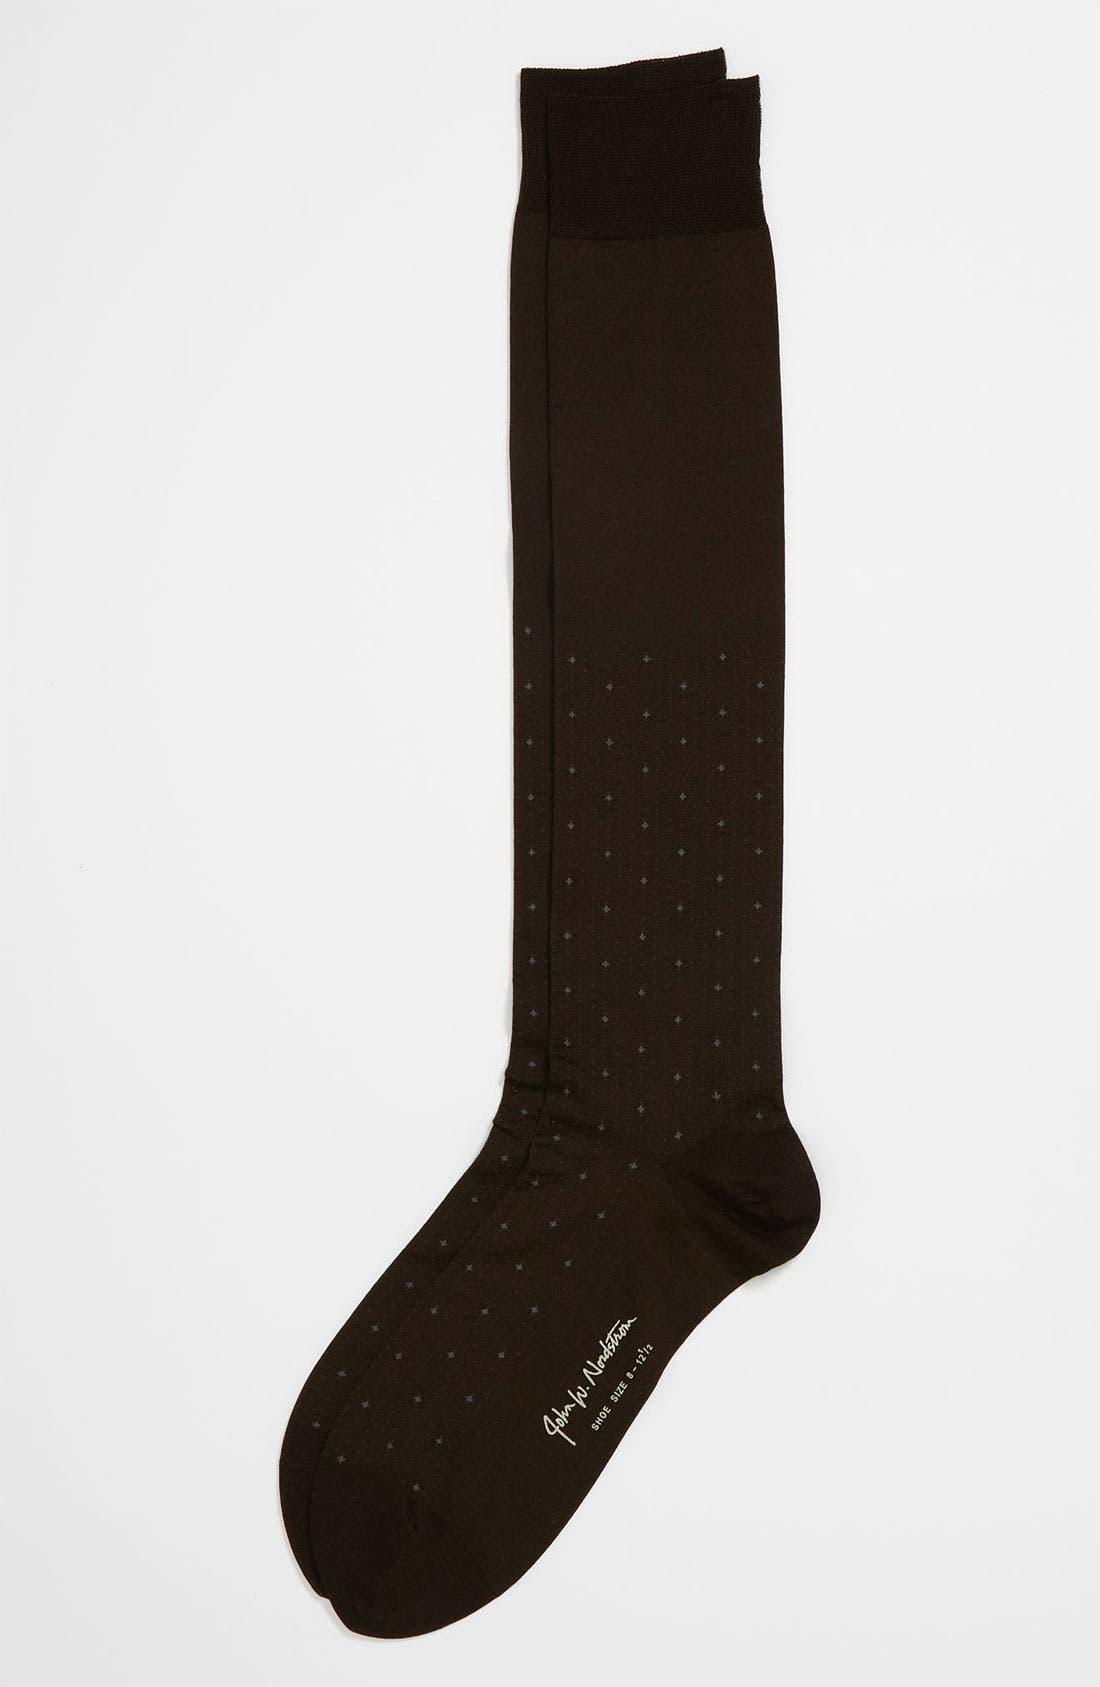 Main Image - John W. Nordstrom® Over the Calf Socks